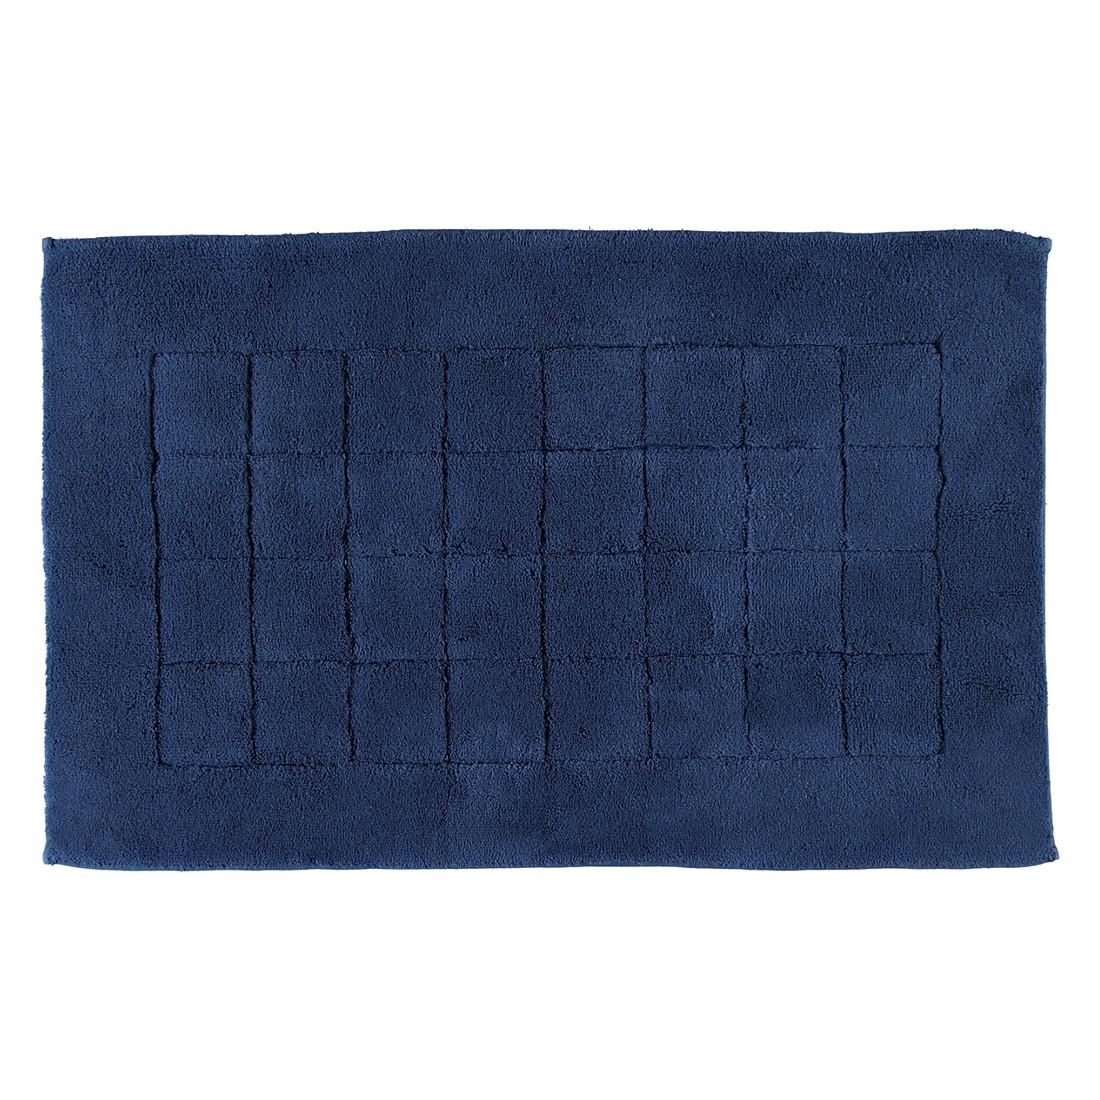 Badteppiche Vienna Sensible – Baumwolle – Winternight – 55×65 cm, Vossen günstig bestellen